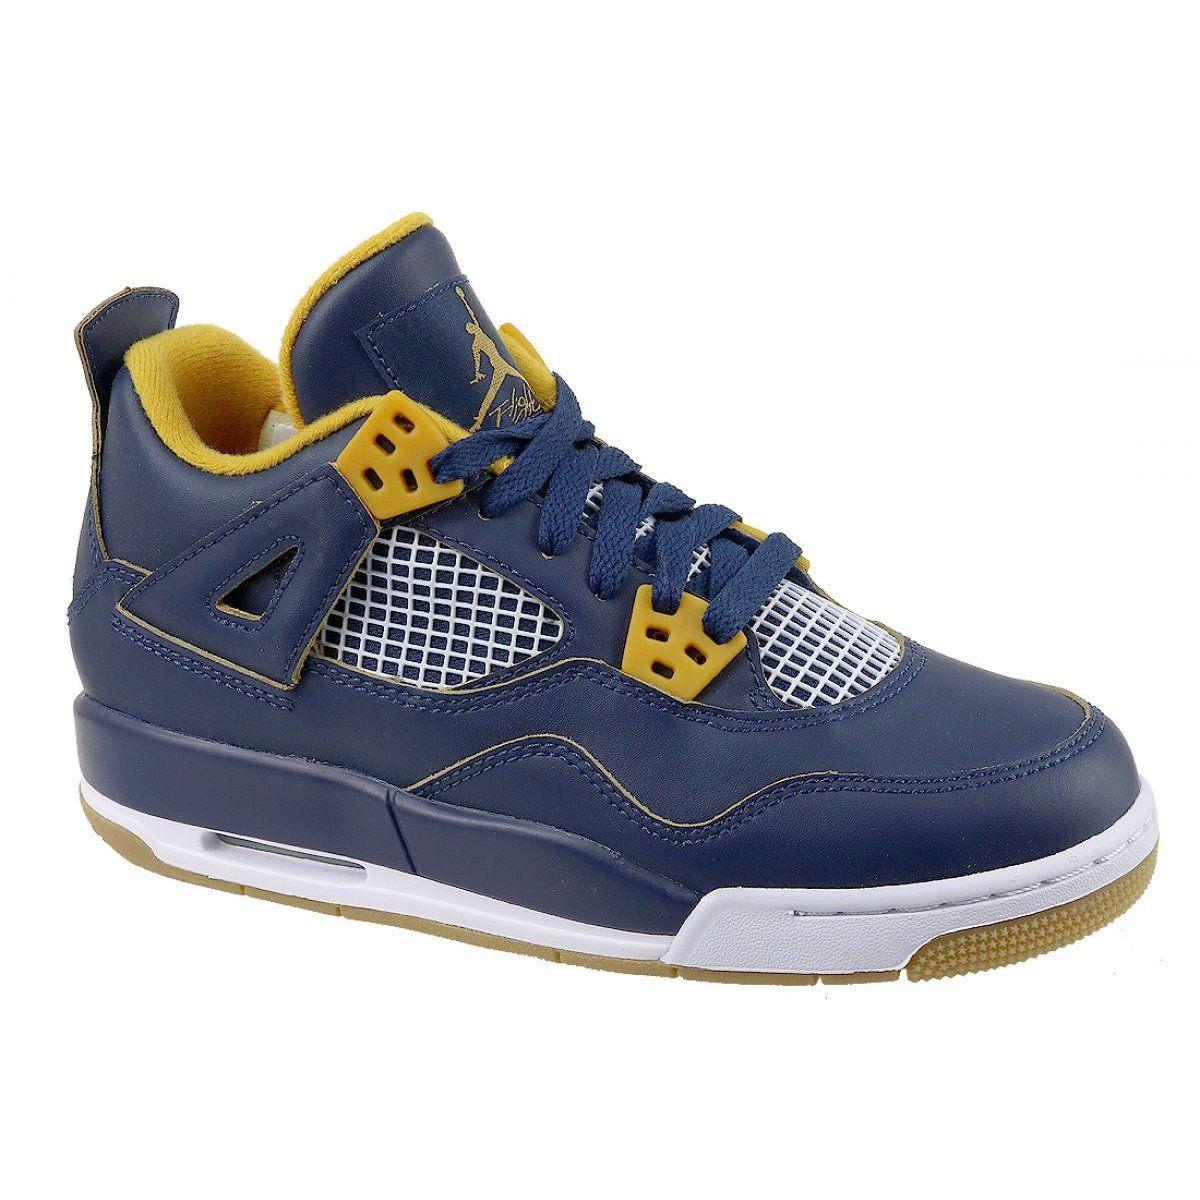 Nike Jordan Buty Jordan 4 Retro Bg Jr 408452 425 Granatowe Jordan 4 Nike Shoes Kid Shoes